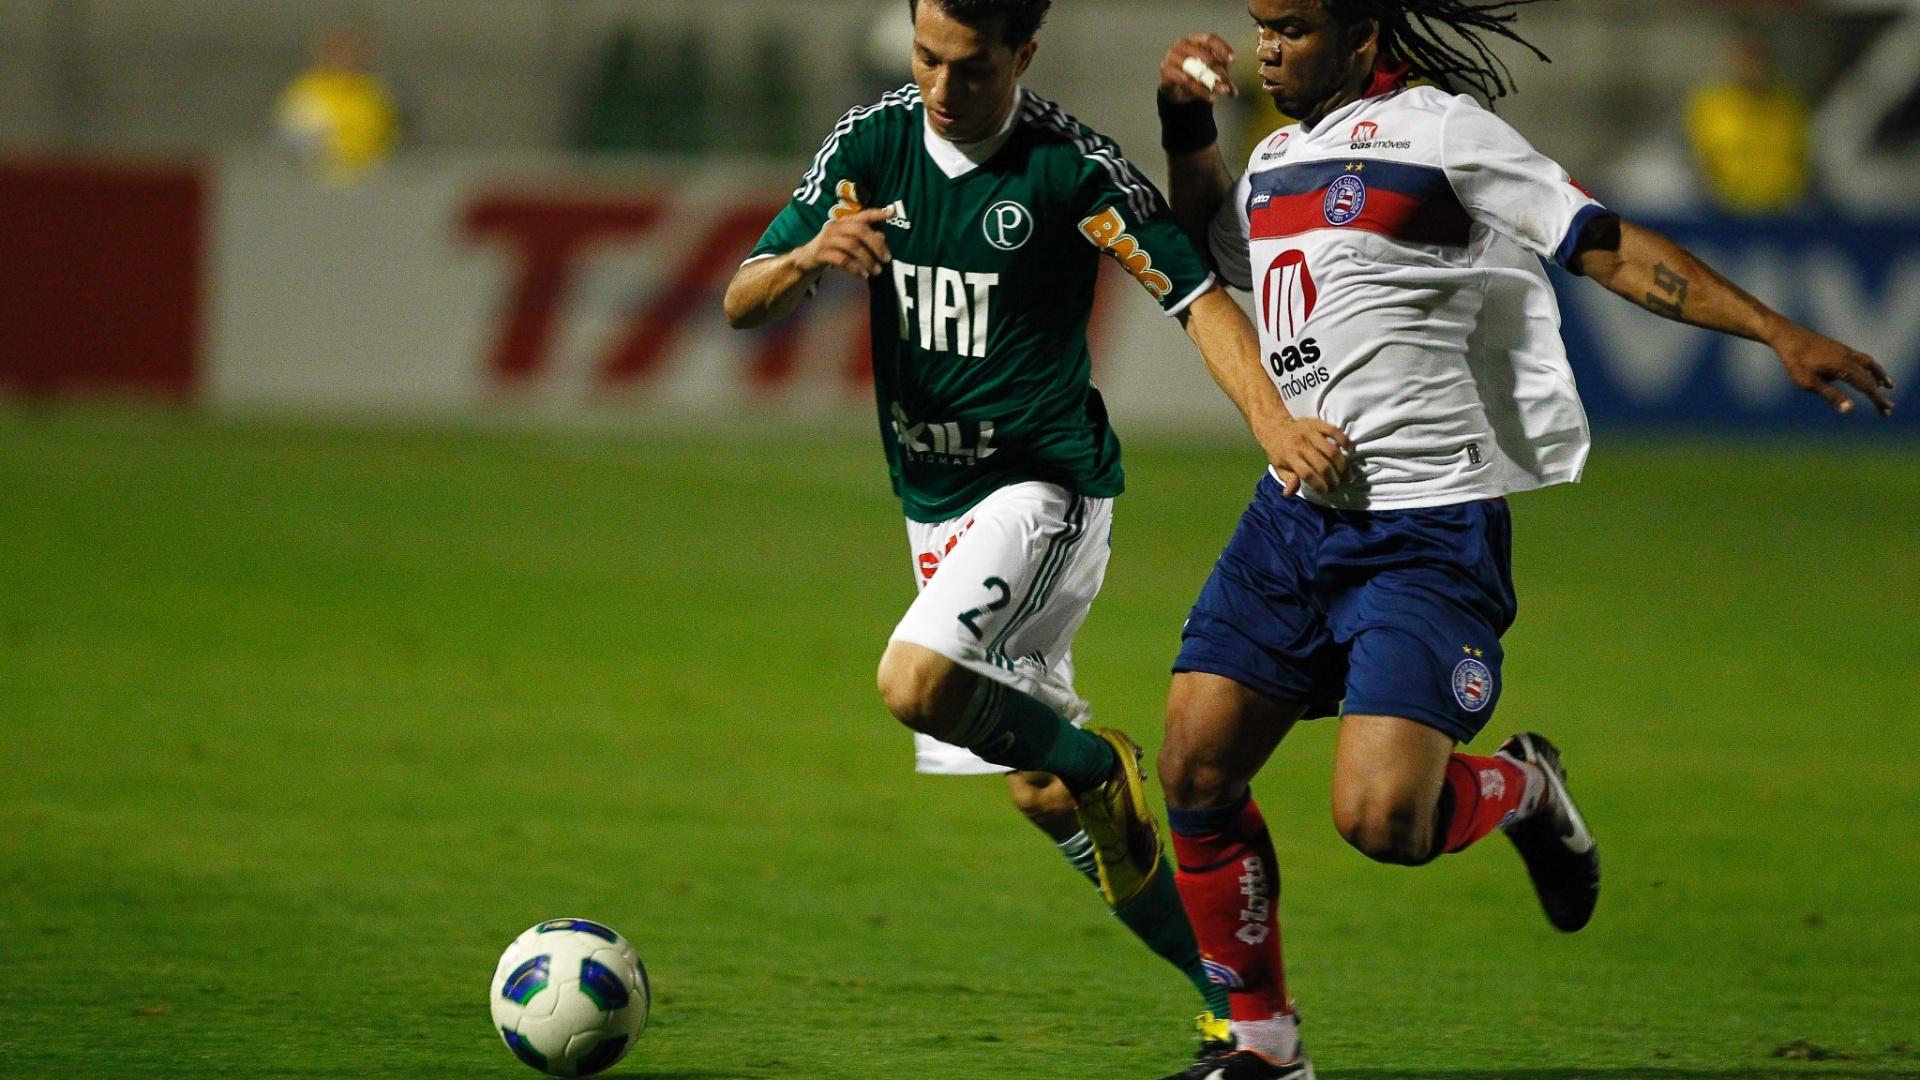 Carlos Alberto tenta ajudar na marcação do Bahia e persegue Cicinho; Palmeiras só empatou e vê crise aumentar